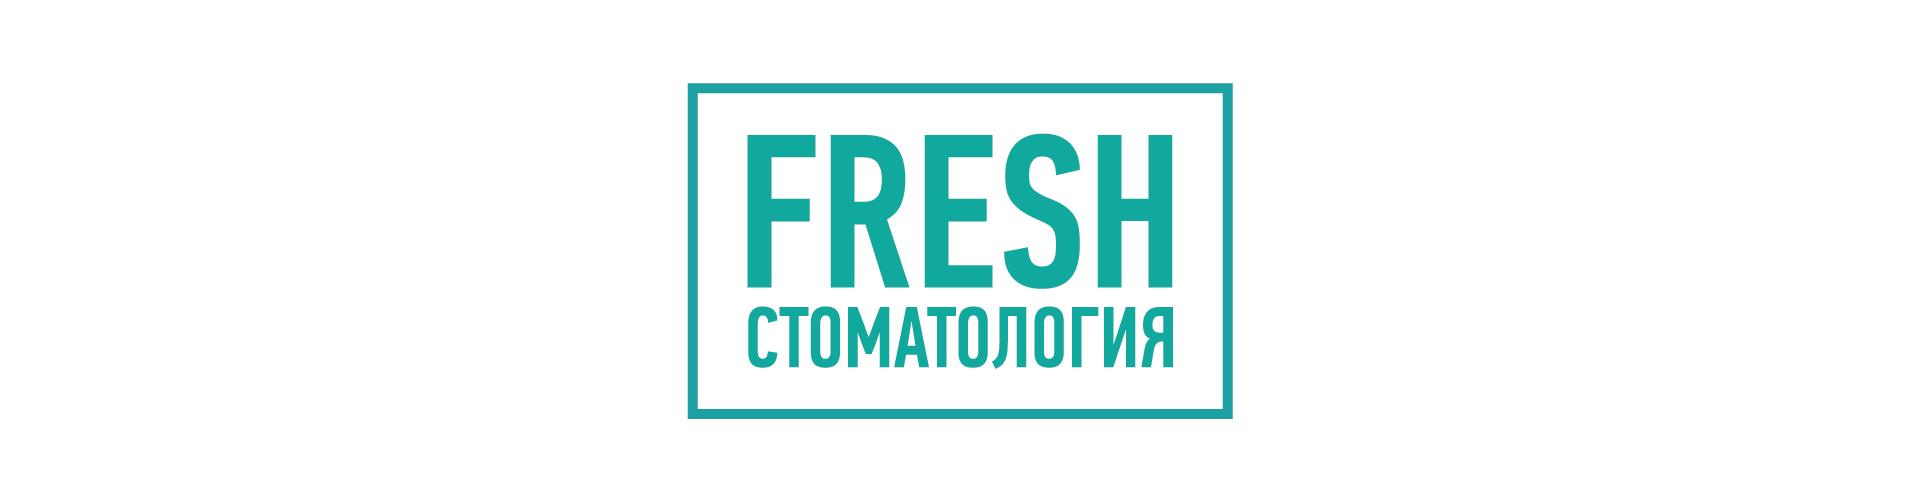 Fresh стоматология - HMS Brands - кейсы, брендинг - логотип